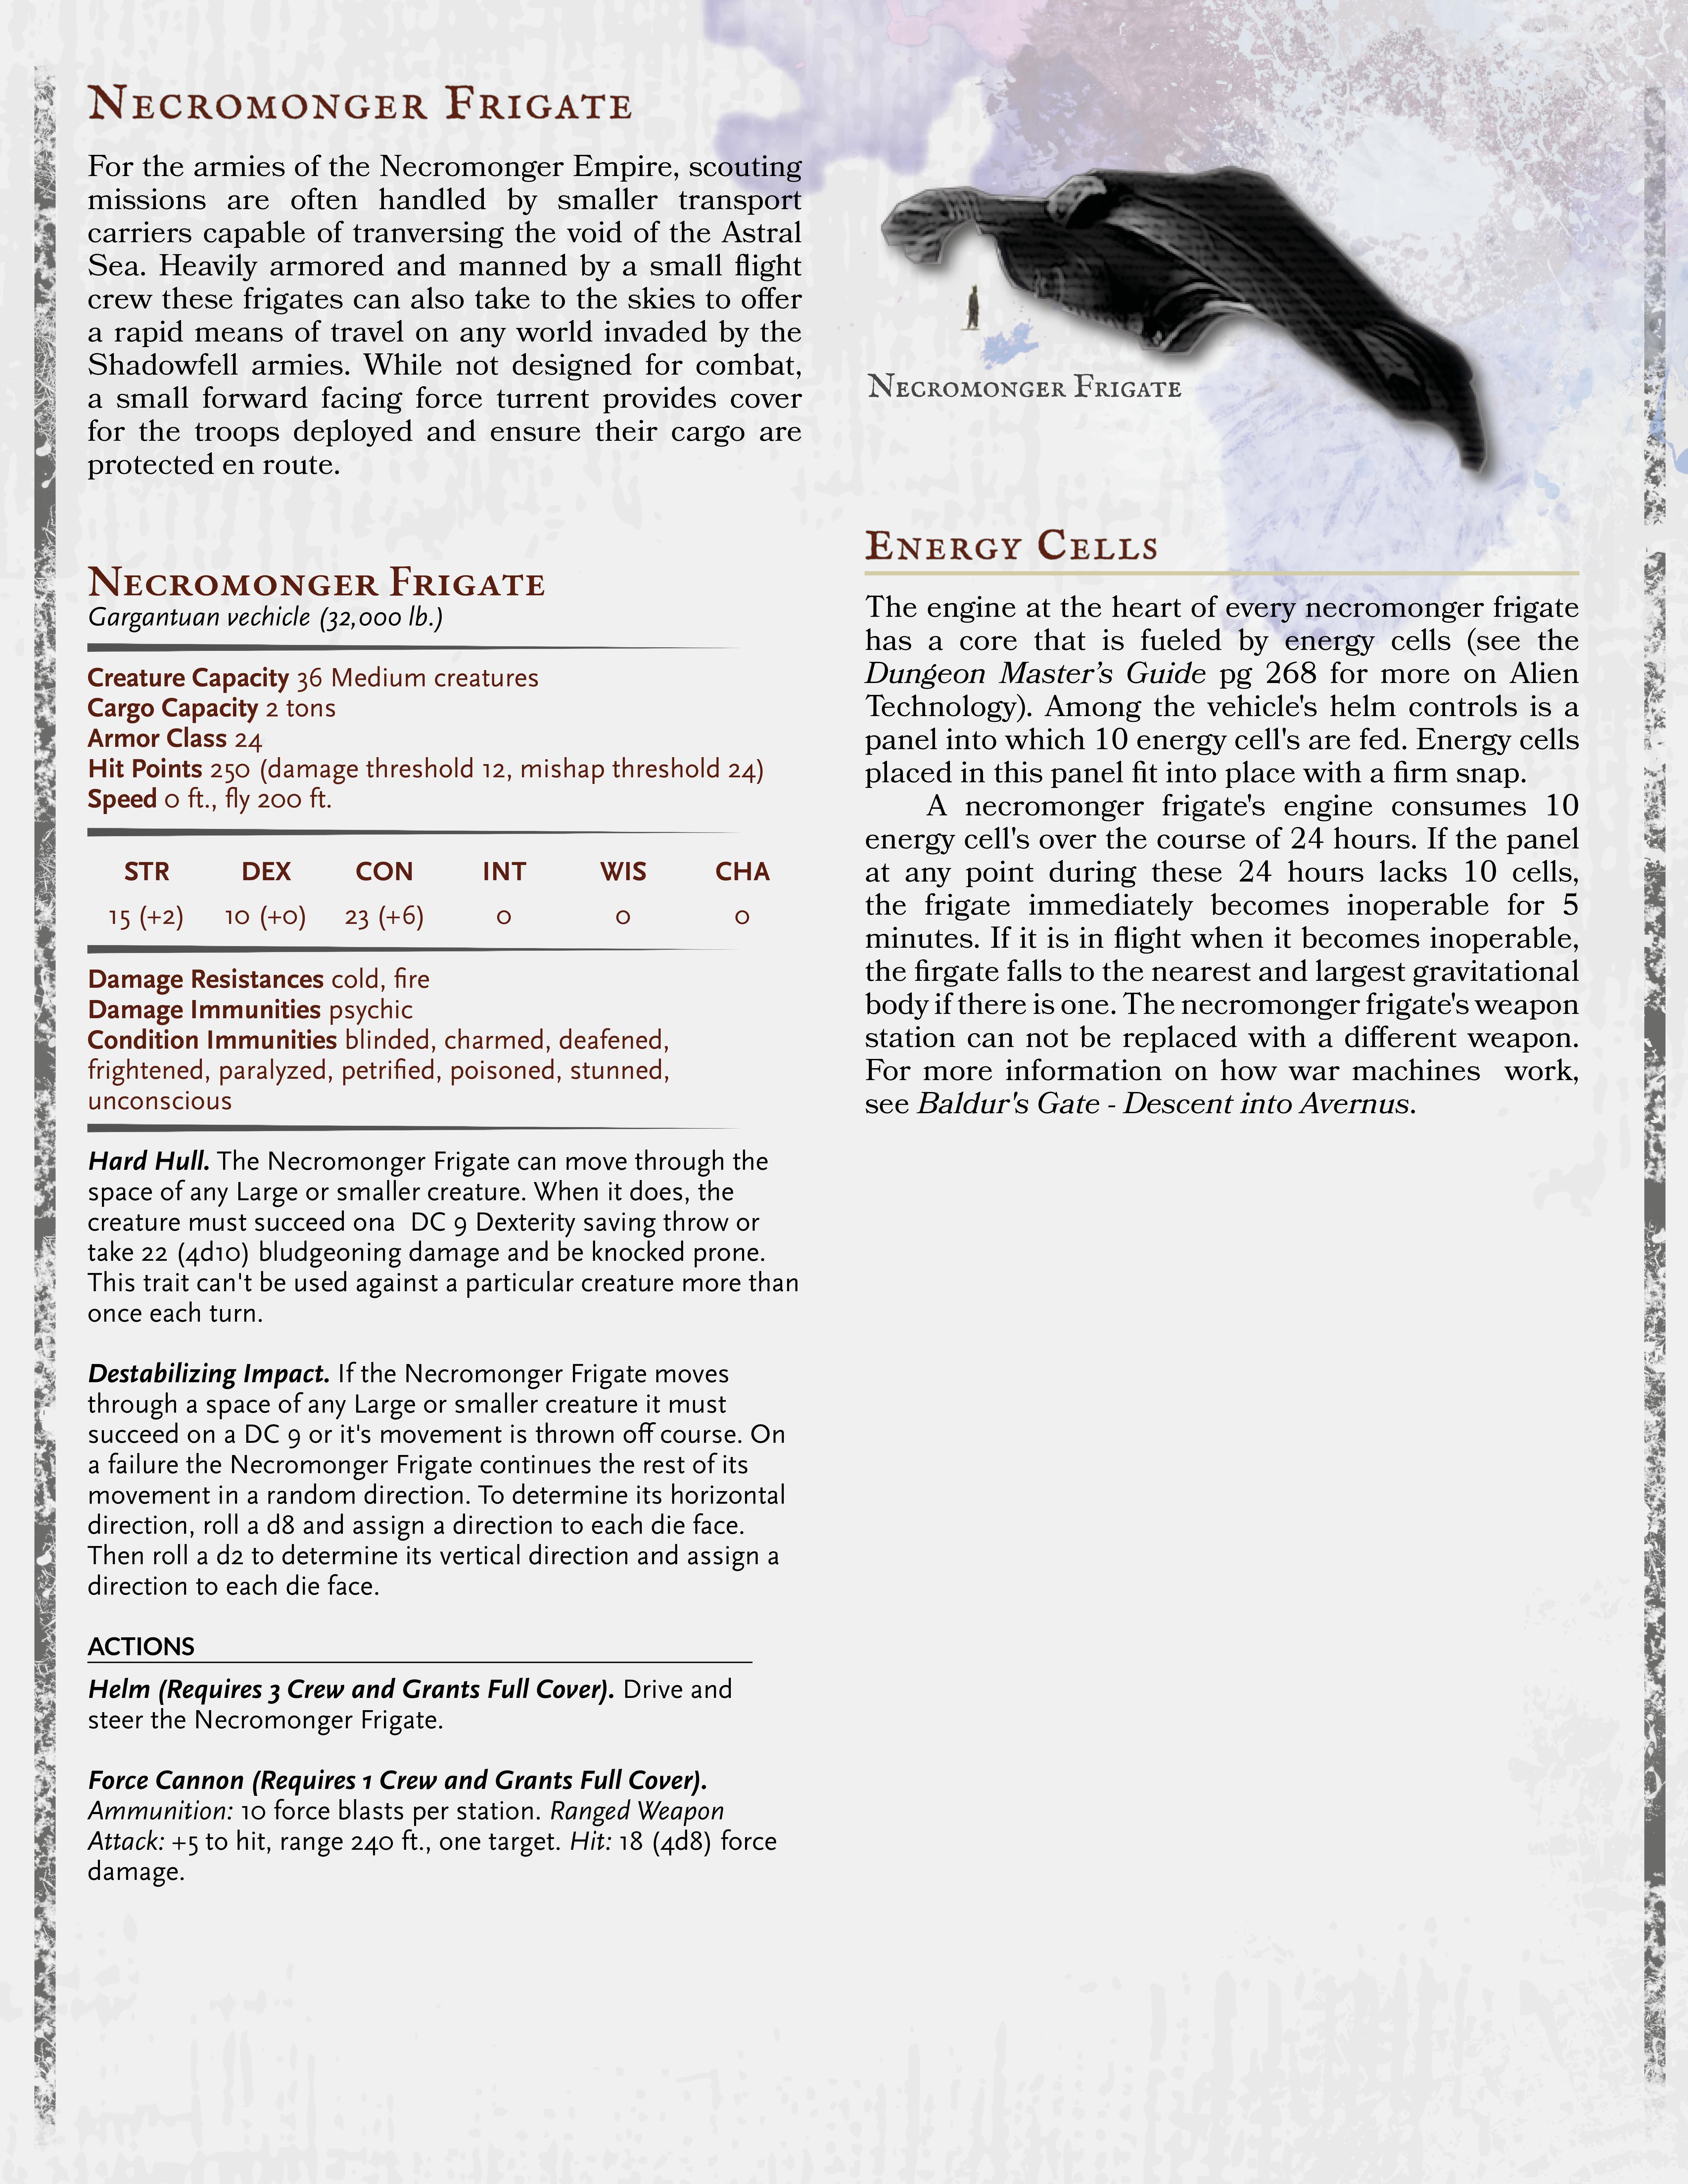 Necromonger Frigate